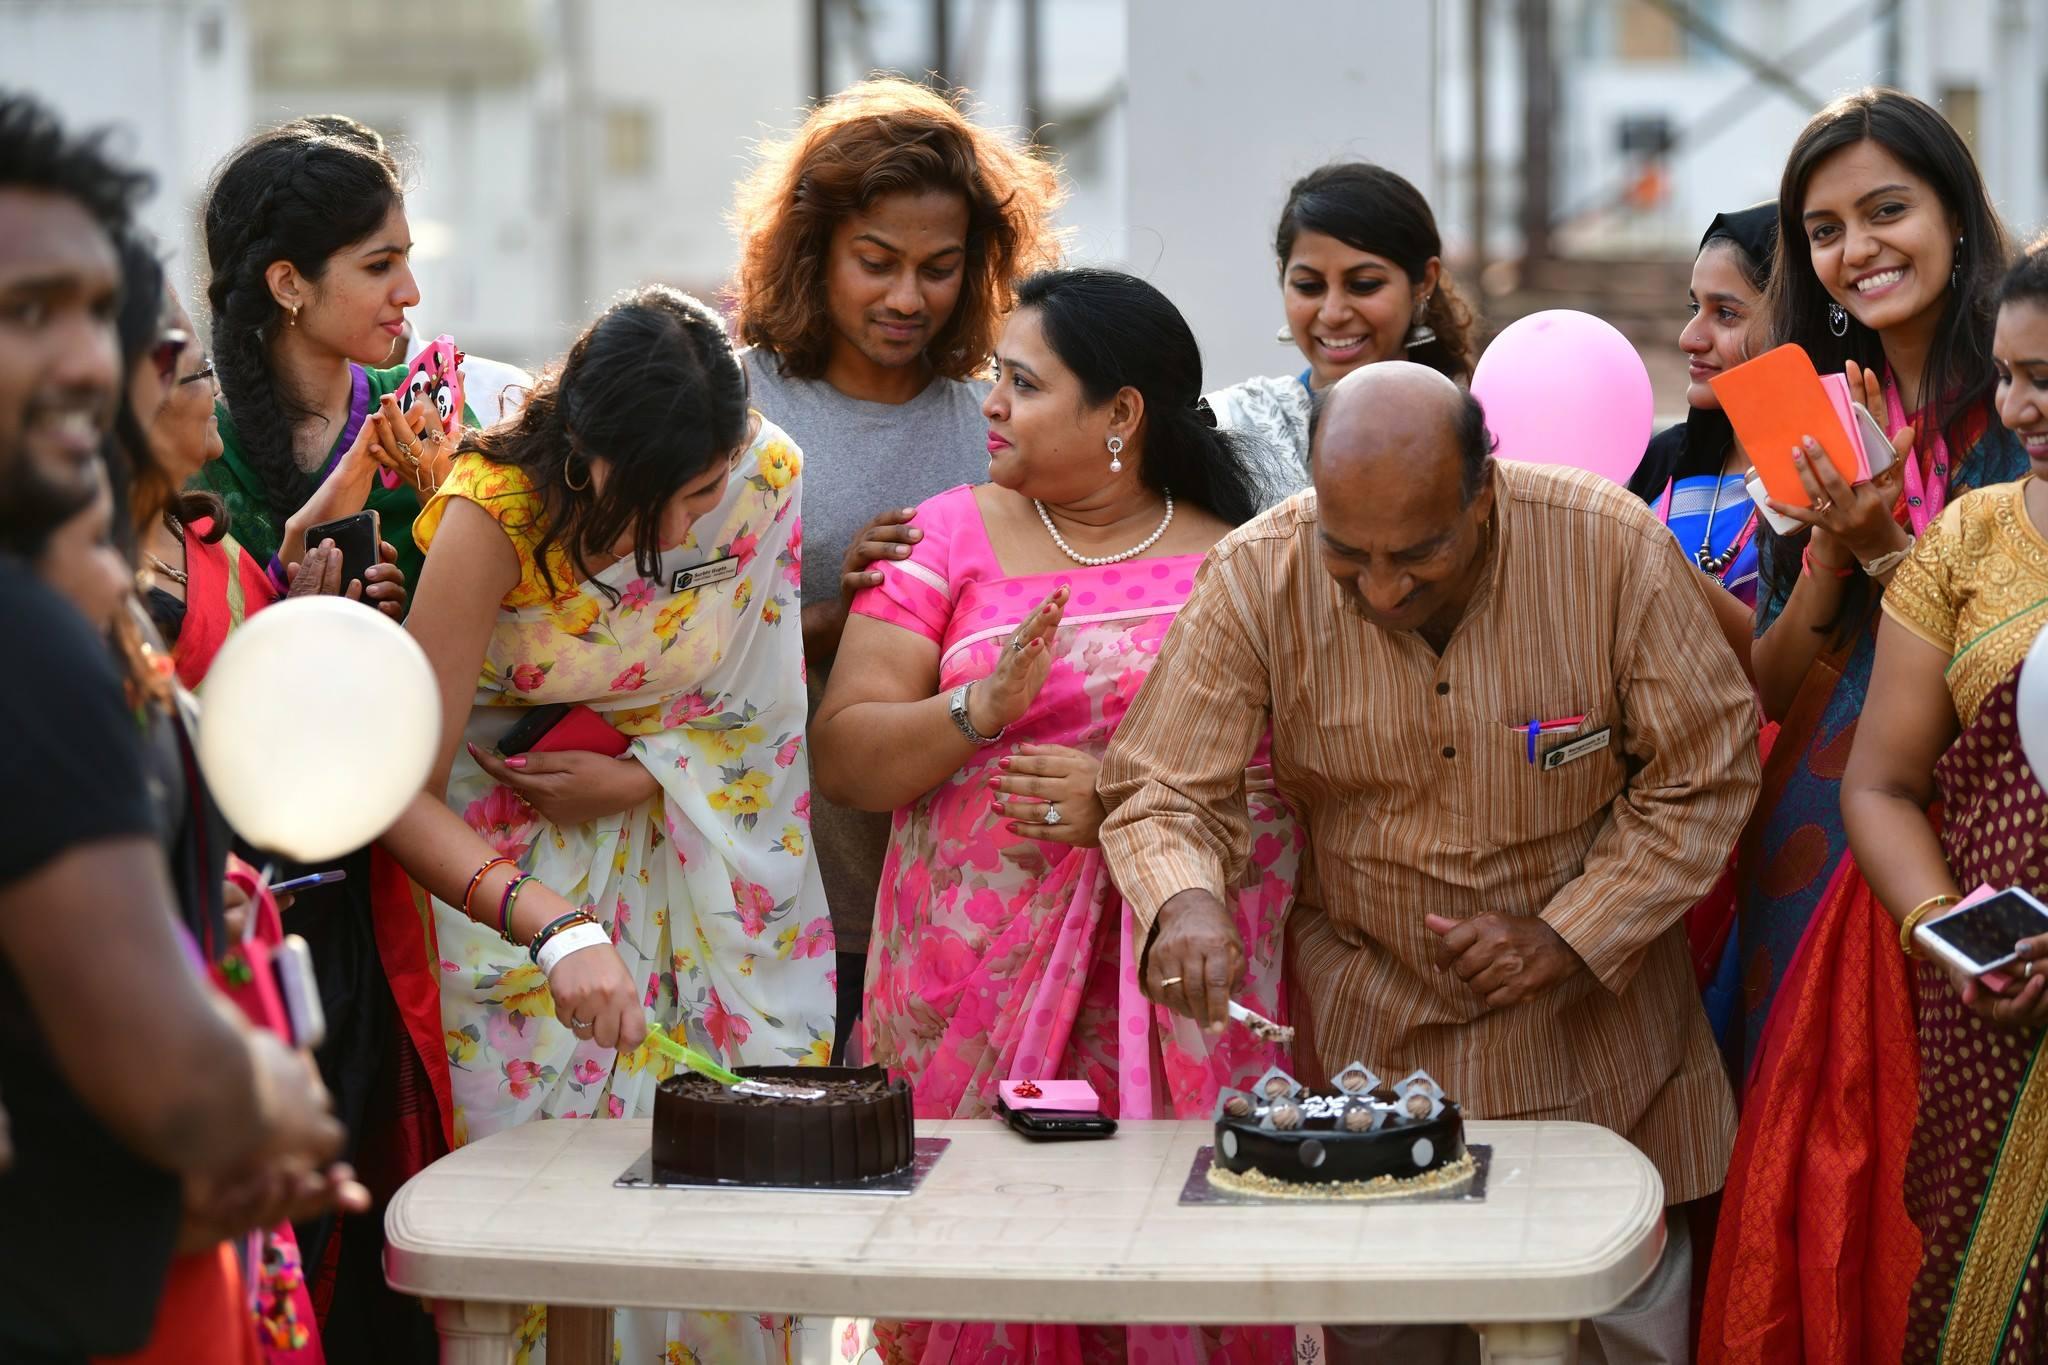 Teacher's Day Celebration at JD Institute teacher's day - teachers day 3 - Teacher's Day Celebration at JD Institute